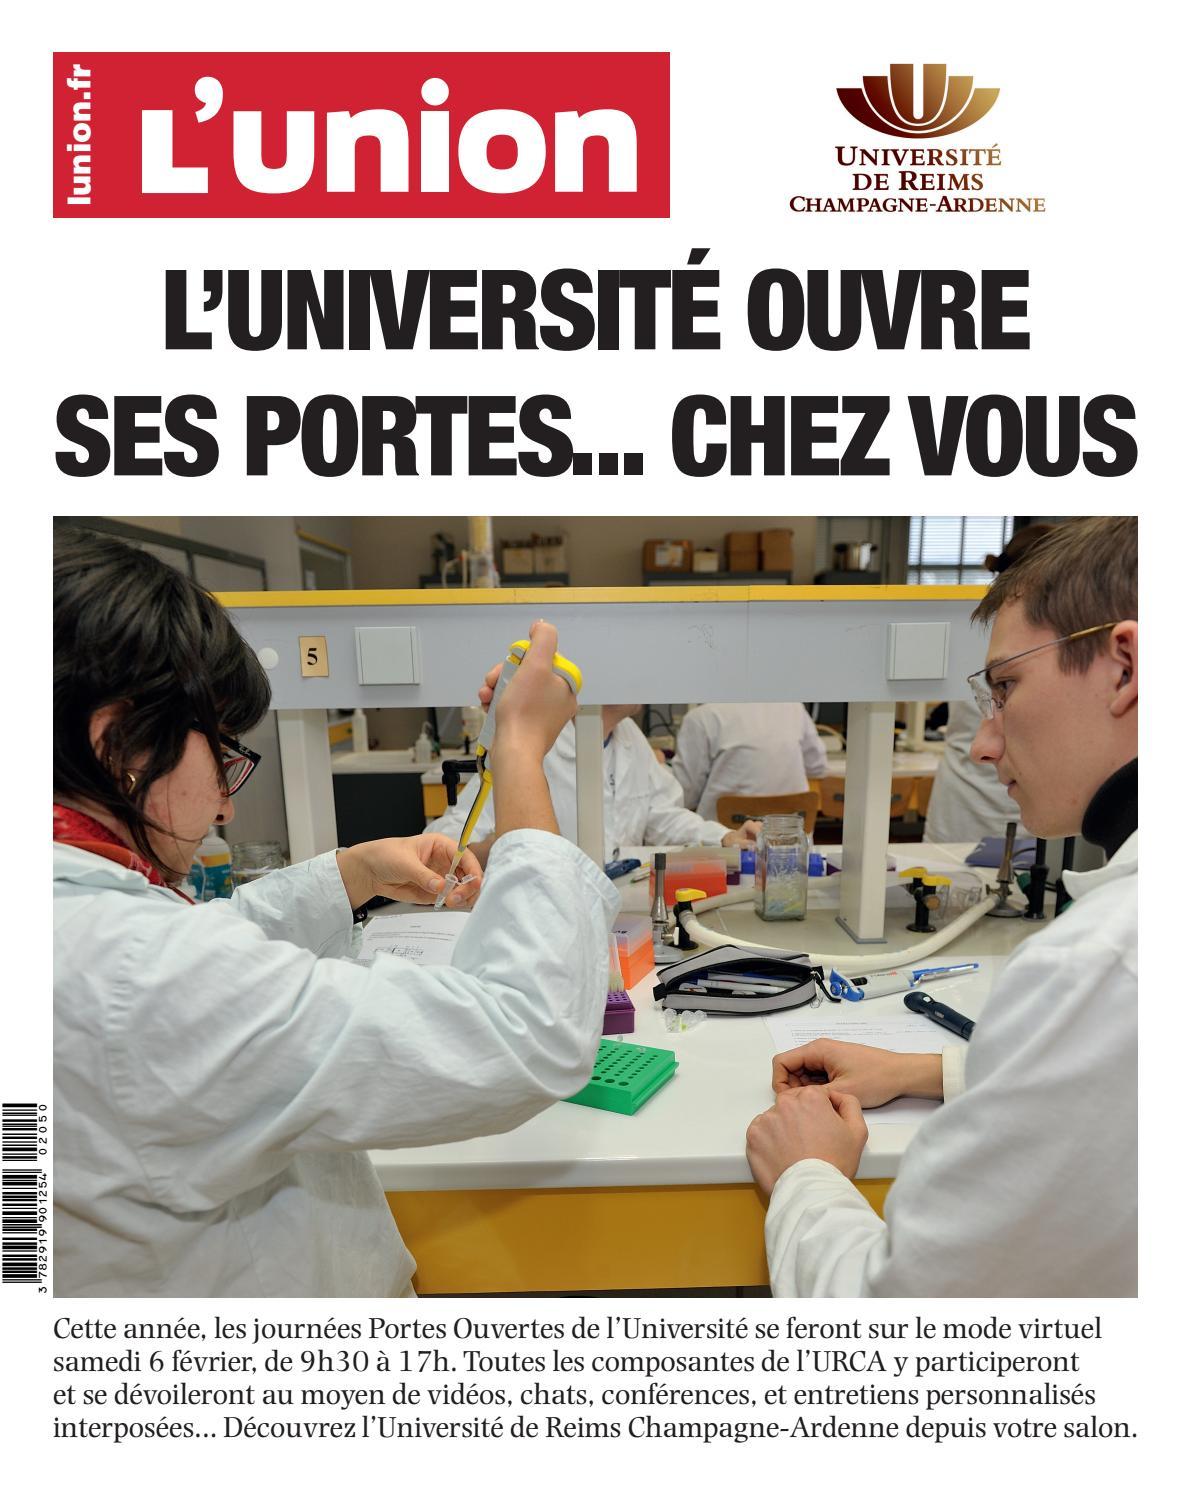 Rencontre gratuite sur Reims France